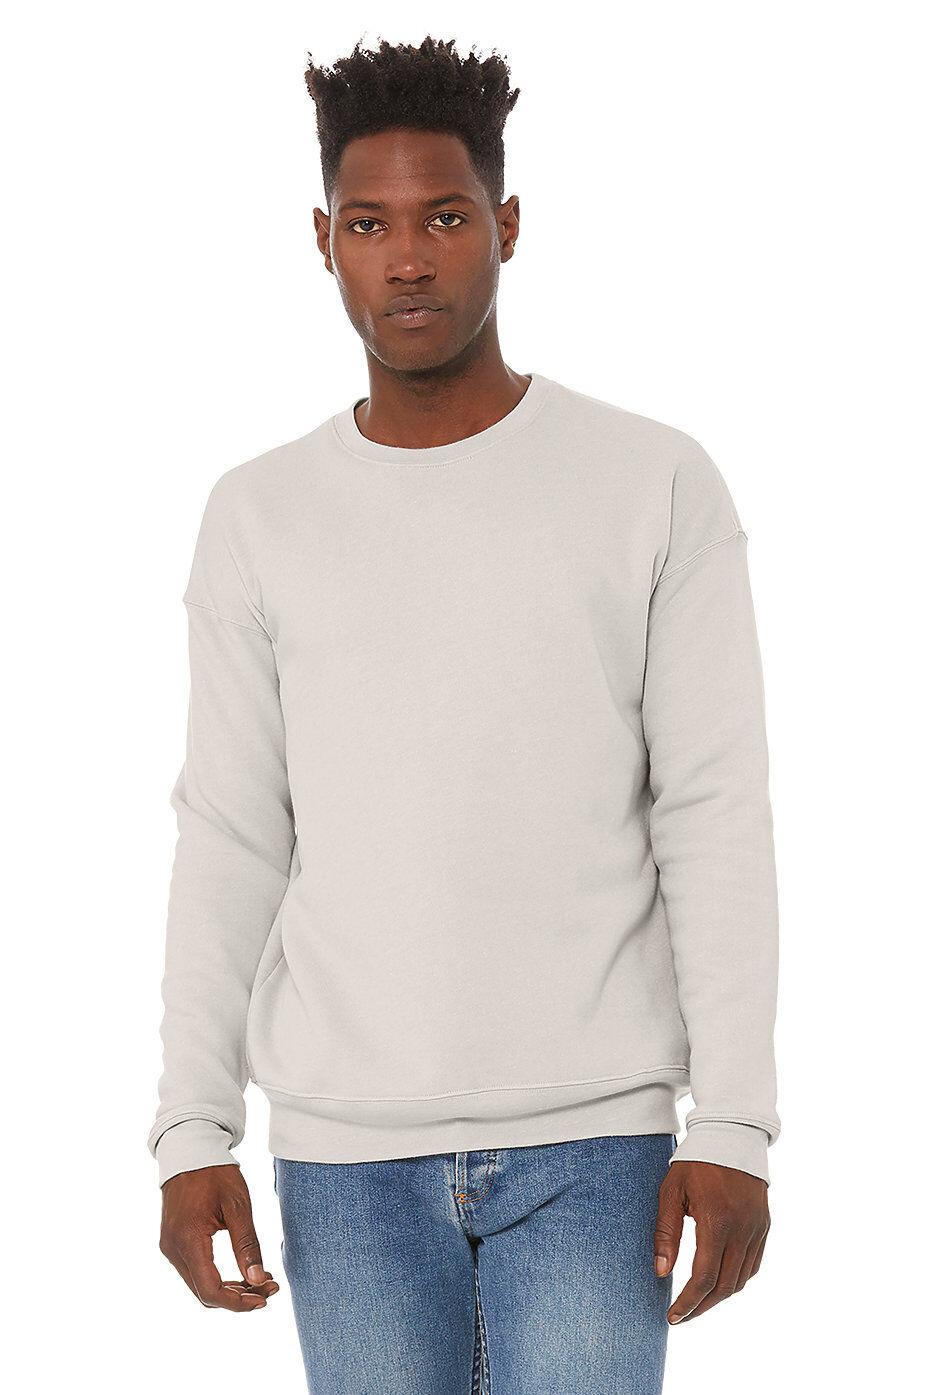 BELLA + CANVAS - Unisex Sponge Fleece Drop Shoulder Crewneck Sweatshirt - 3945